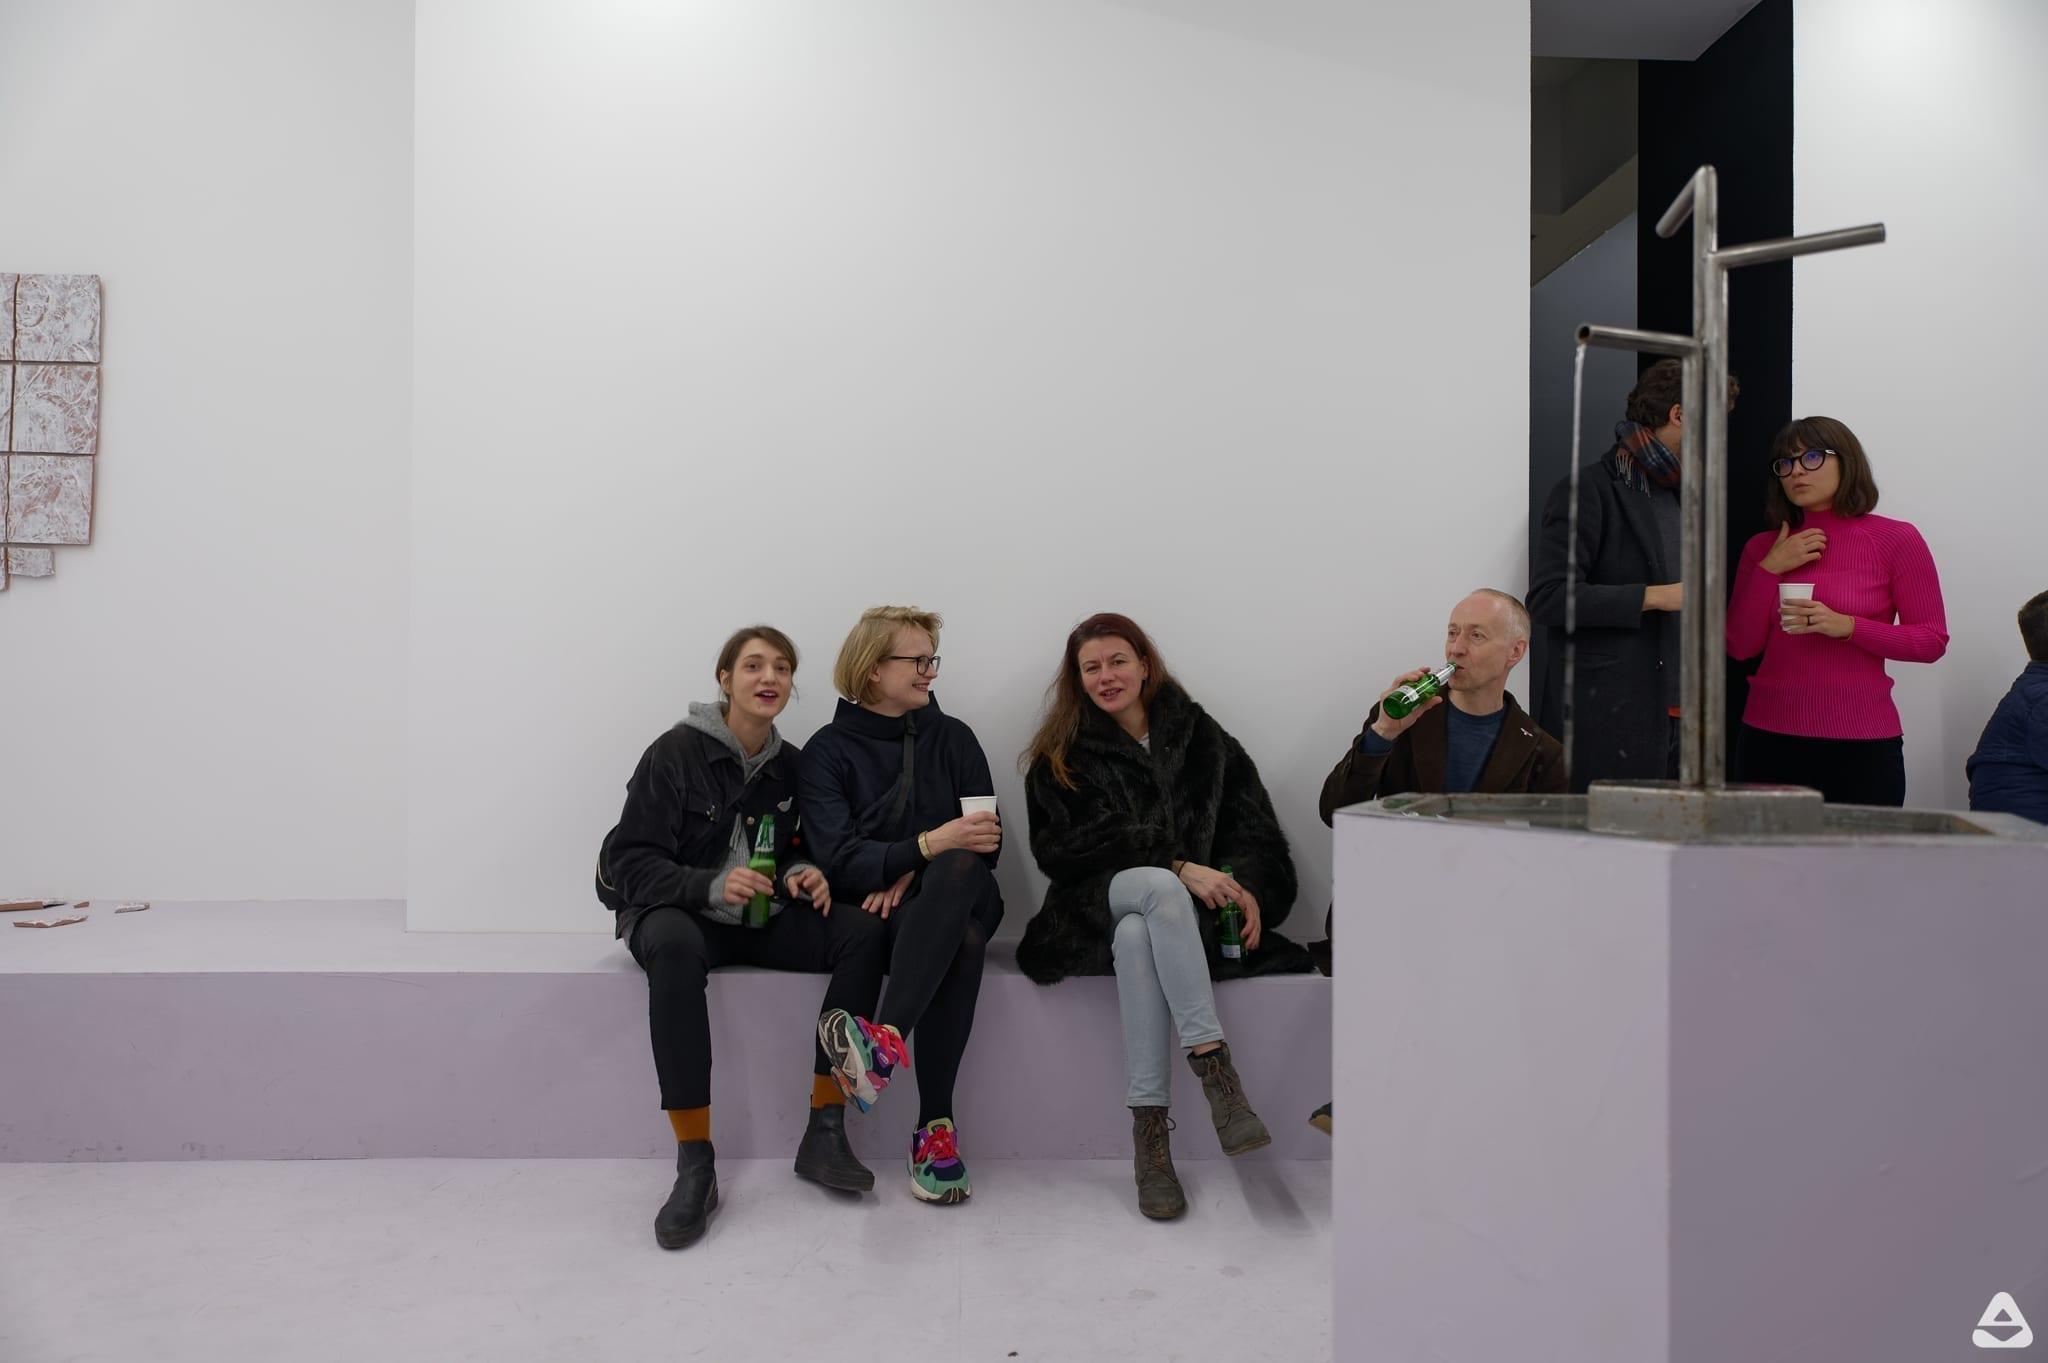 Kristin Wenzel w/ friends